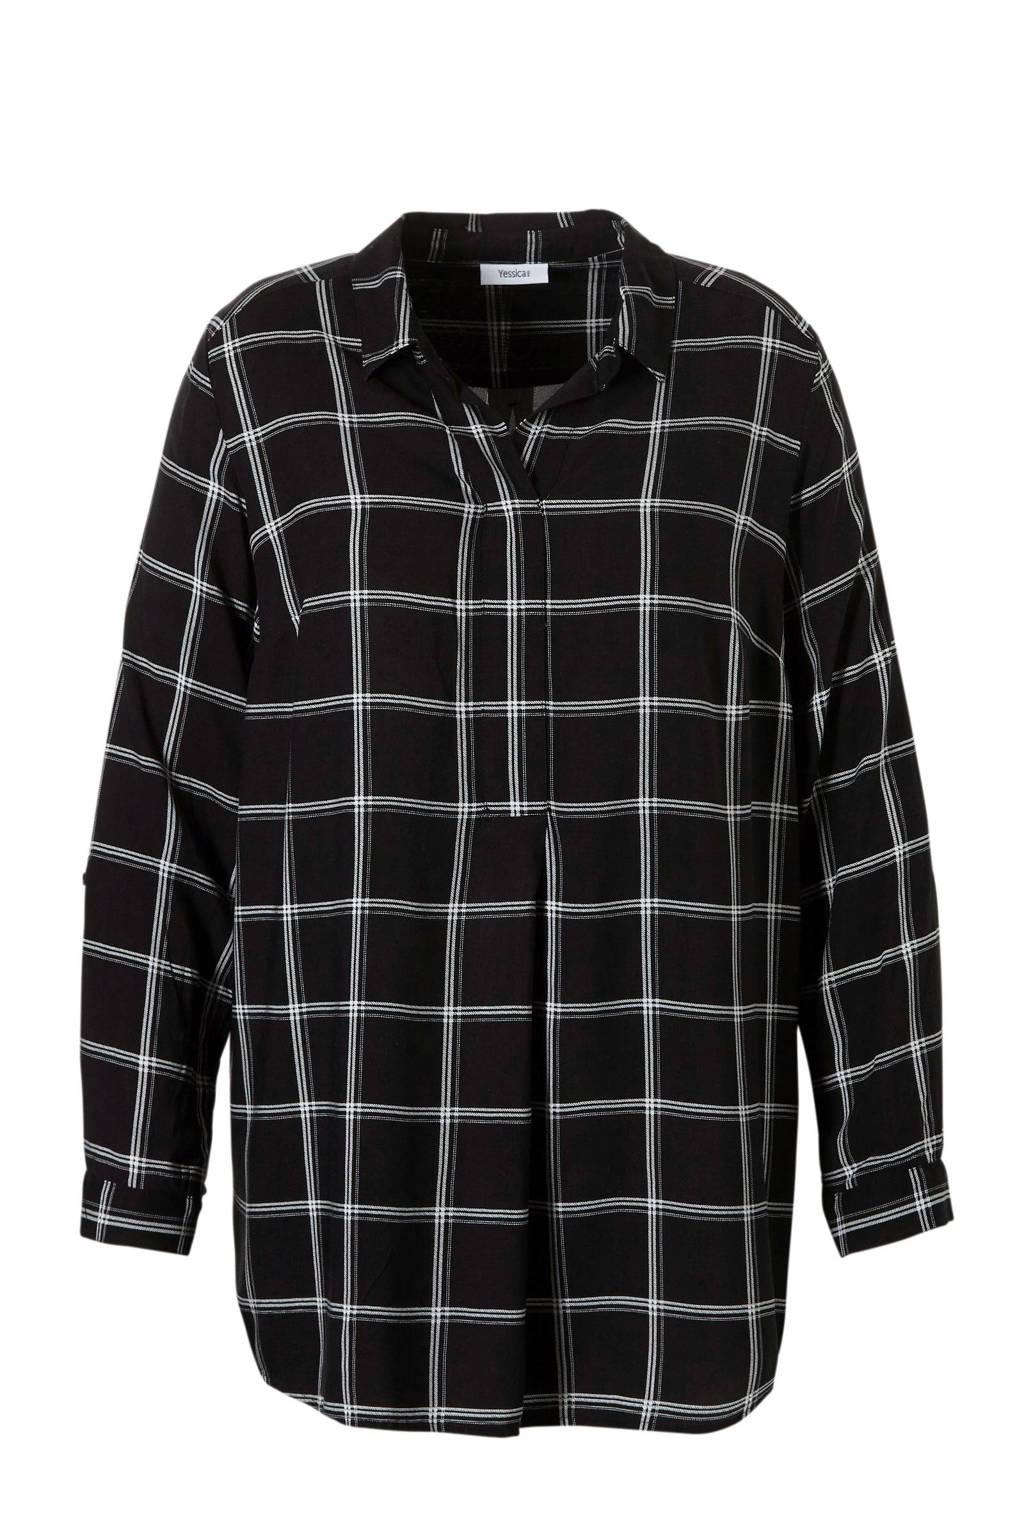 C&A XL Yessica geruite tuniek zwart, Zwart/wit